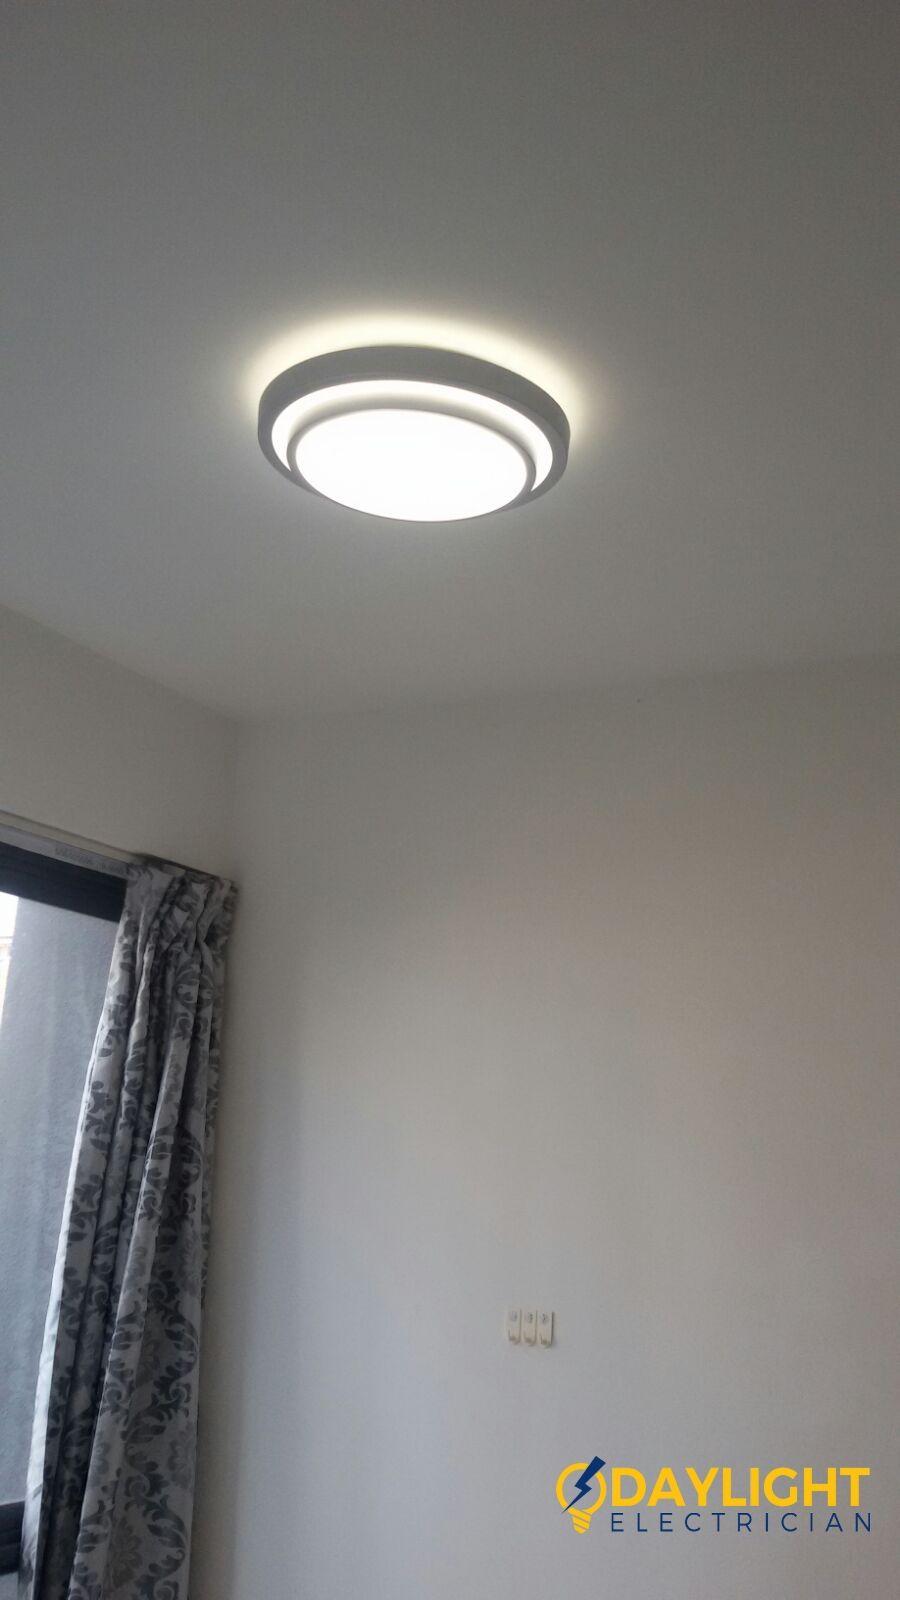 Shift Lighting Point Install 3 Colour Change Led Ceiling Light